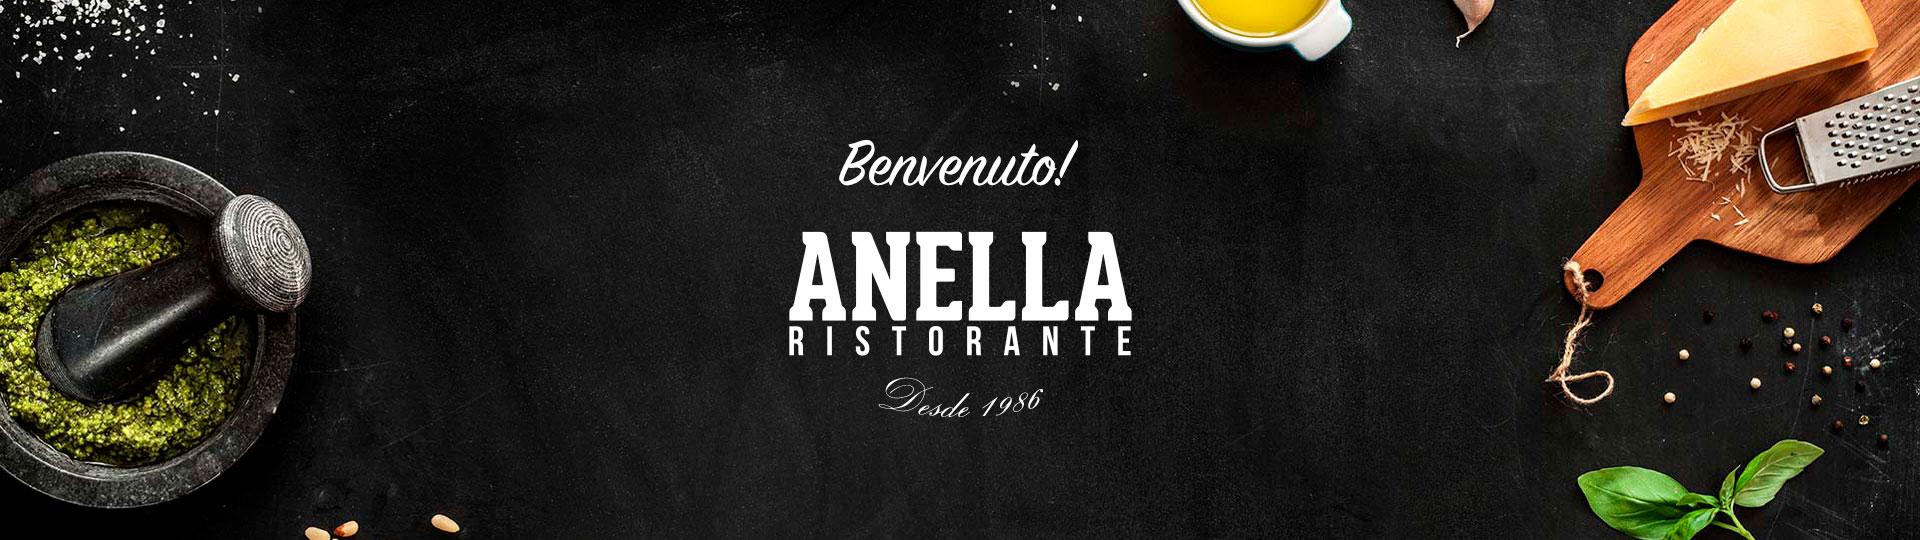 Restaurante Anella